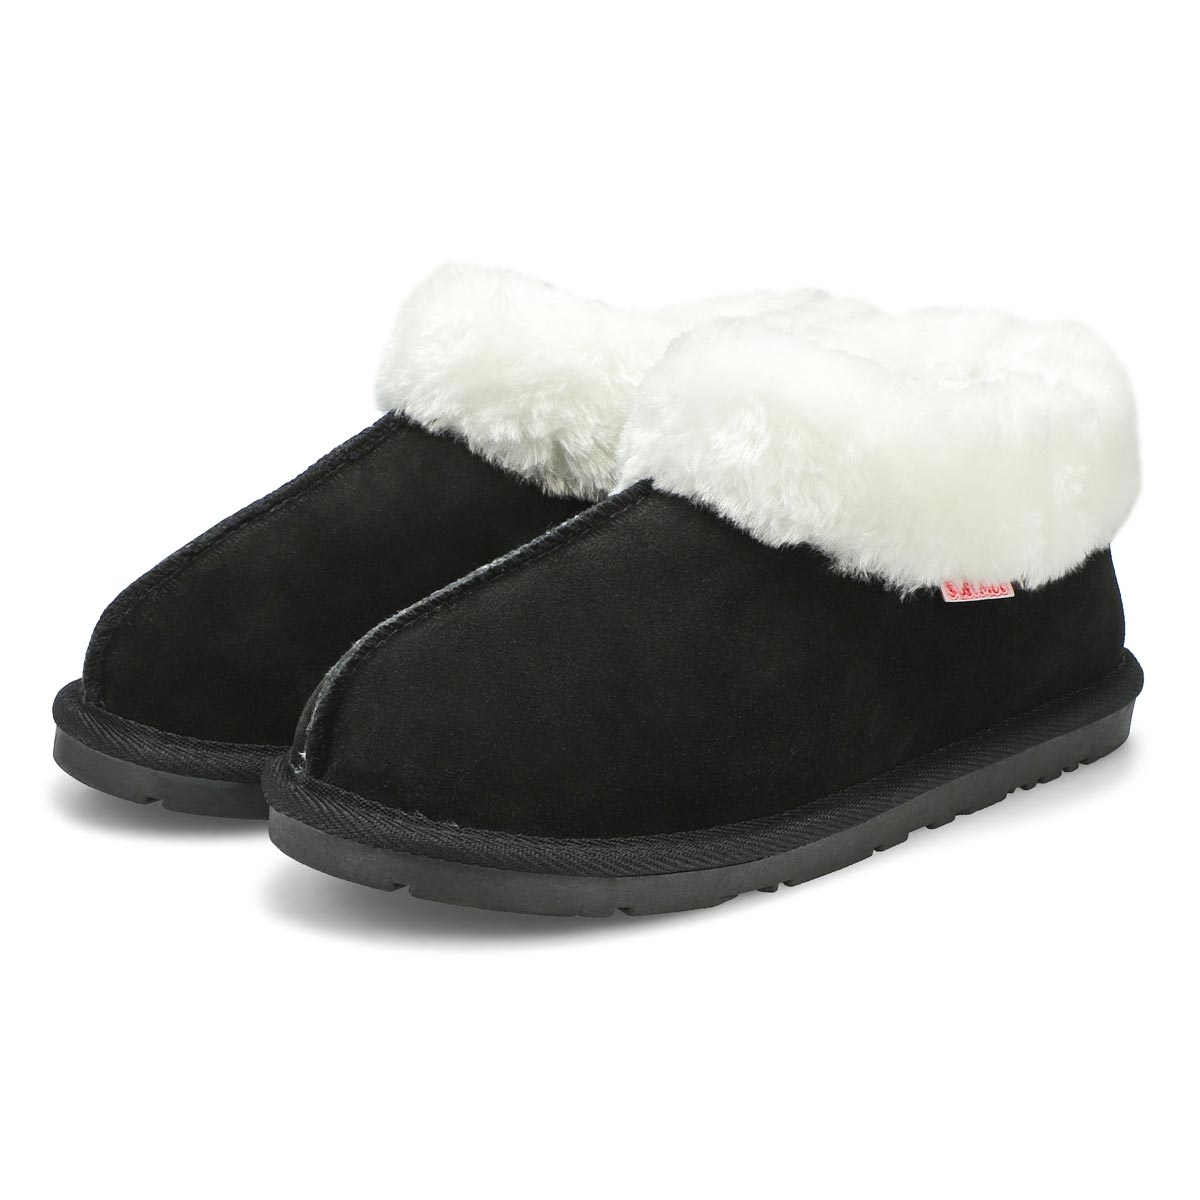 Lds Savanna black suede bootie